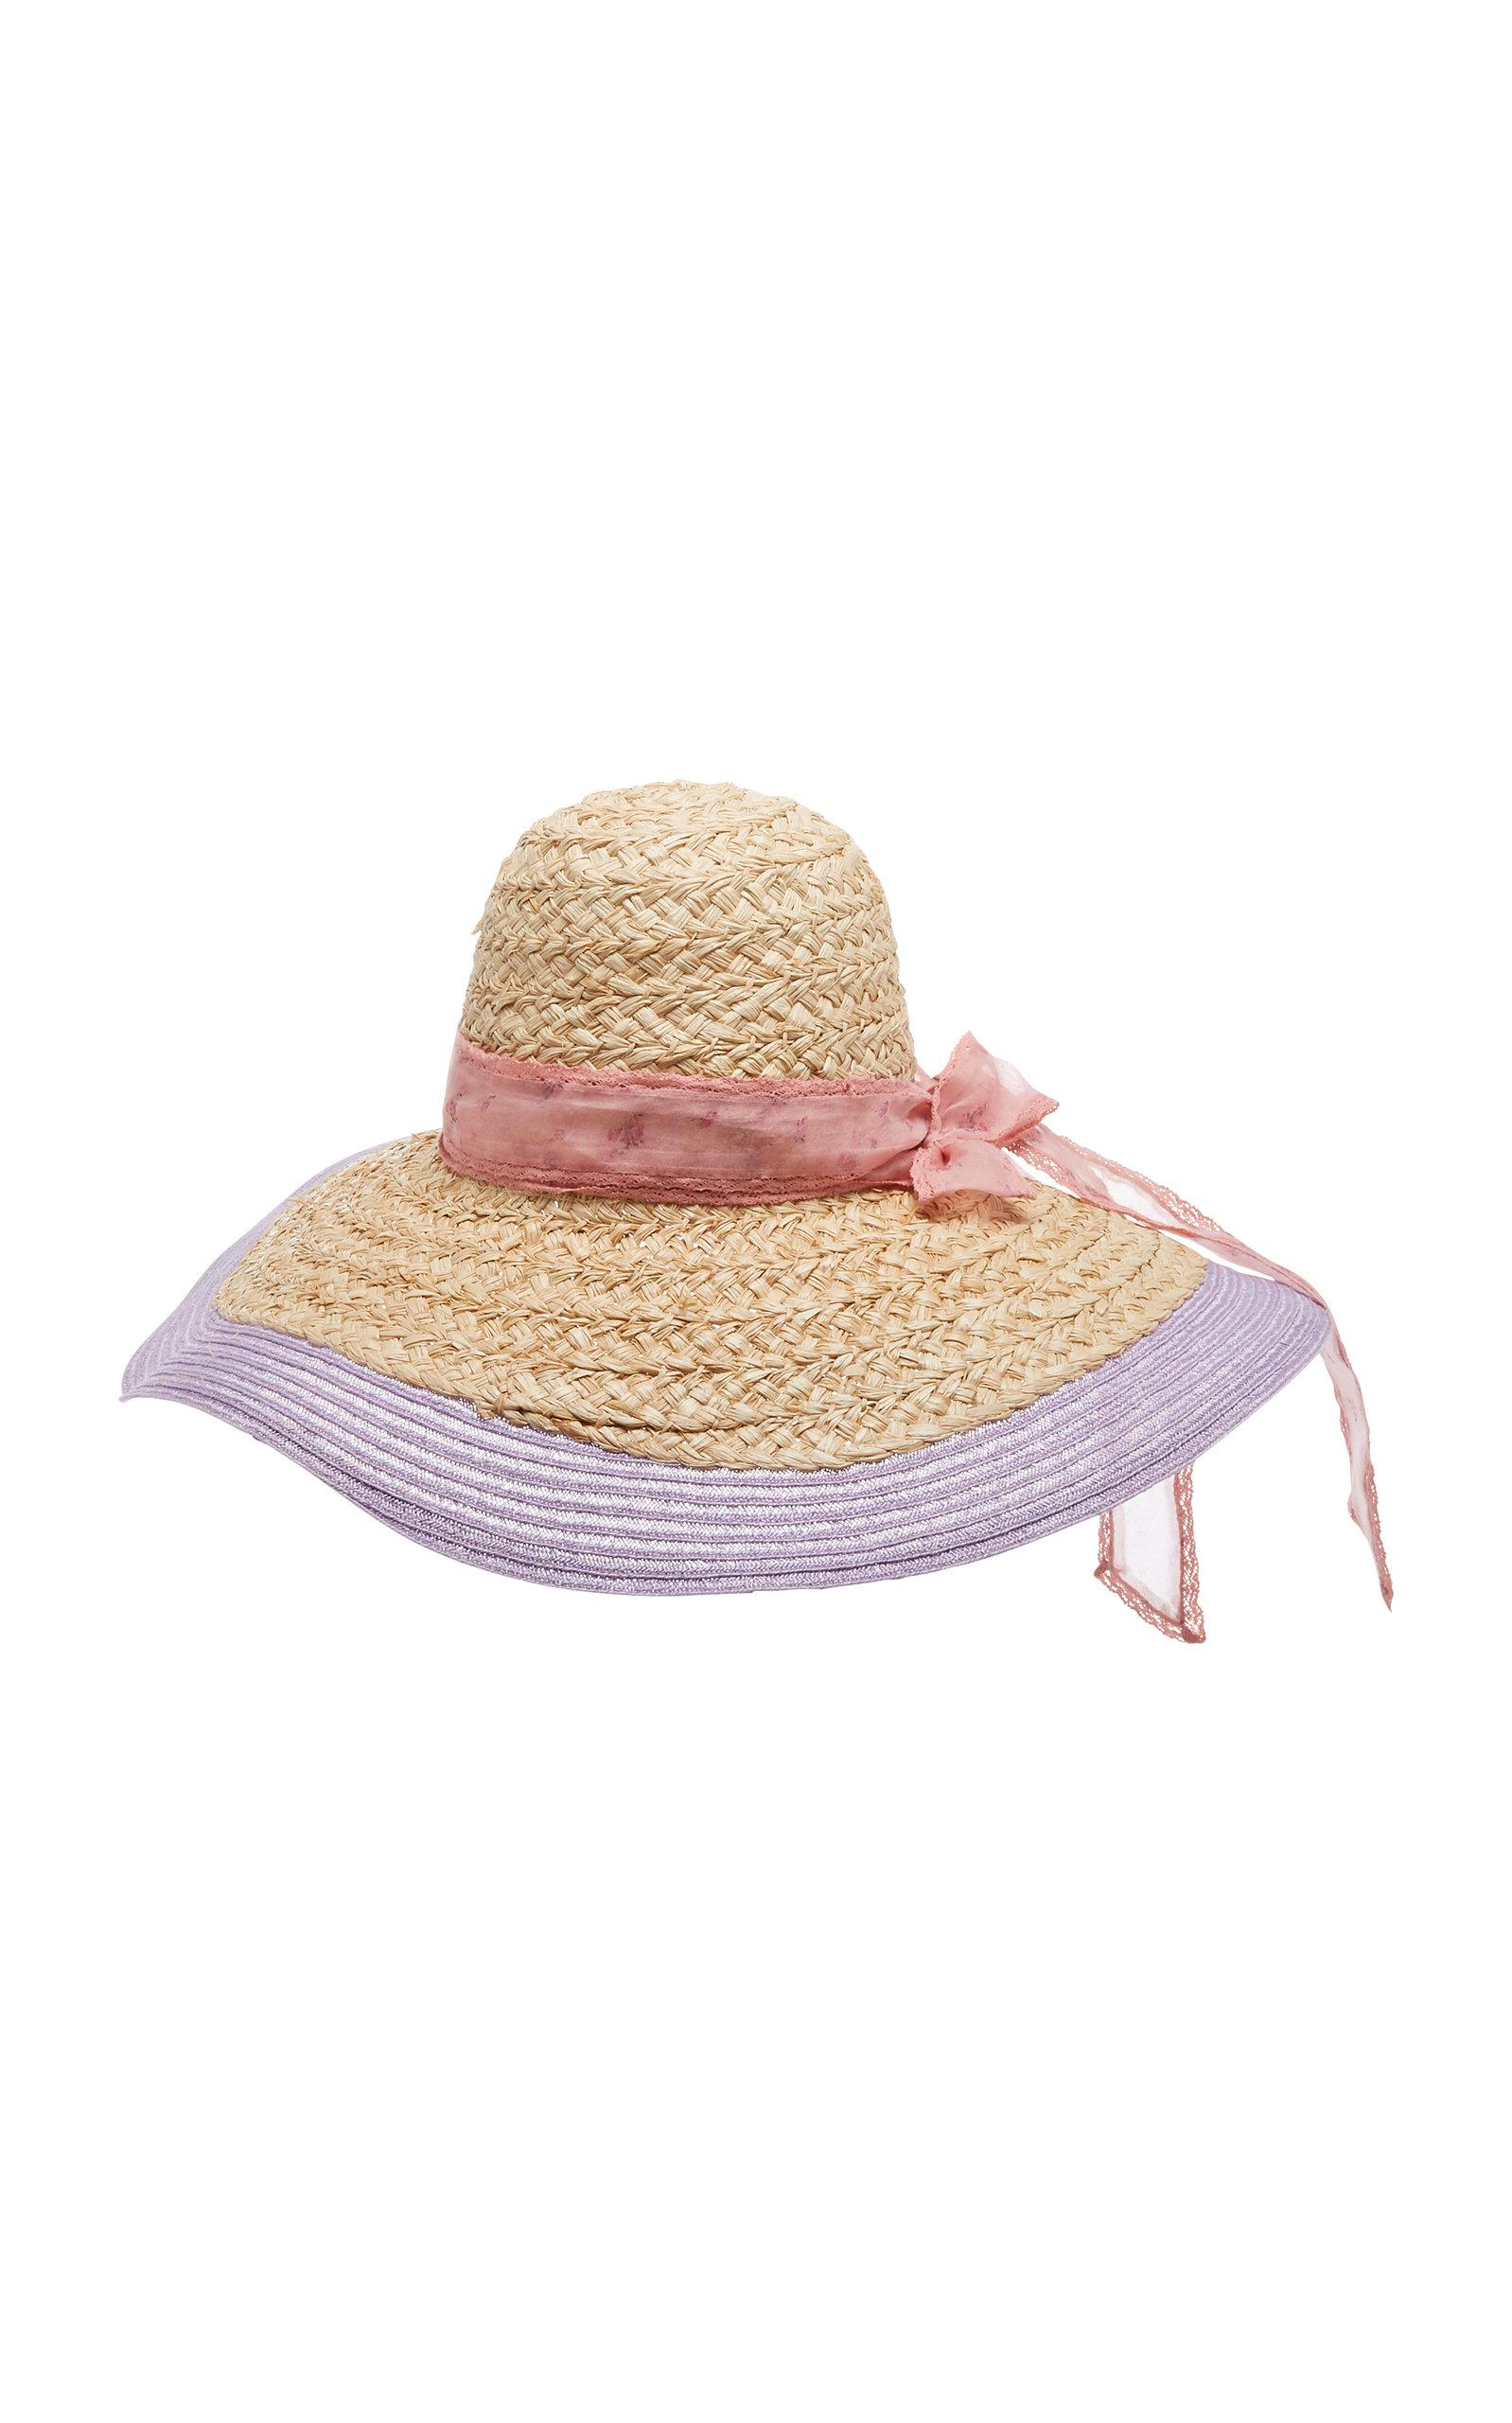 Lyst - LoveShackFancy Madison Hat in Purple 9e50041a6270